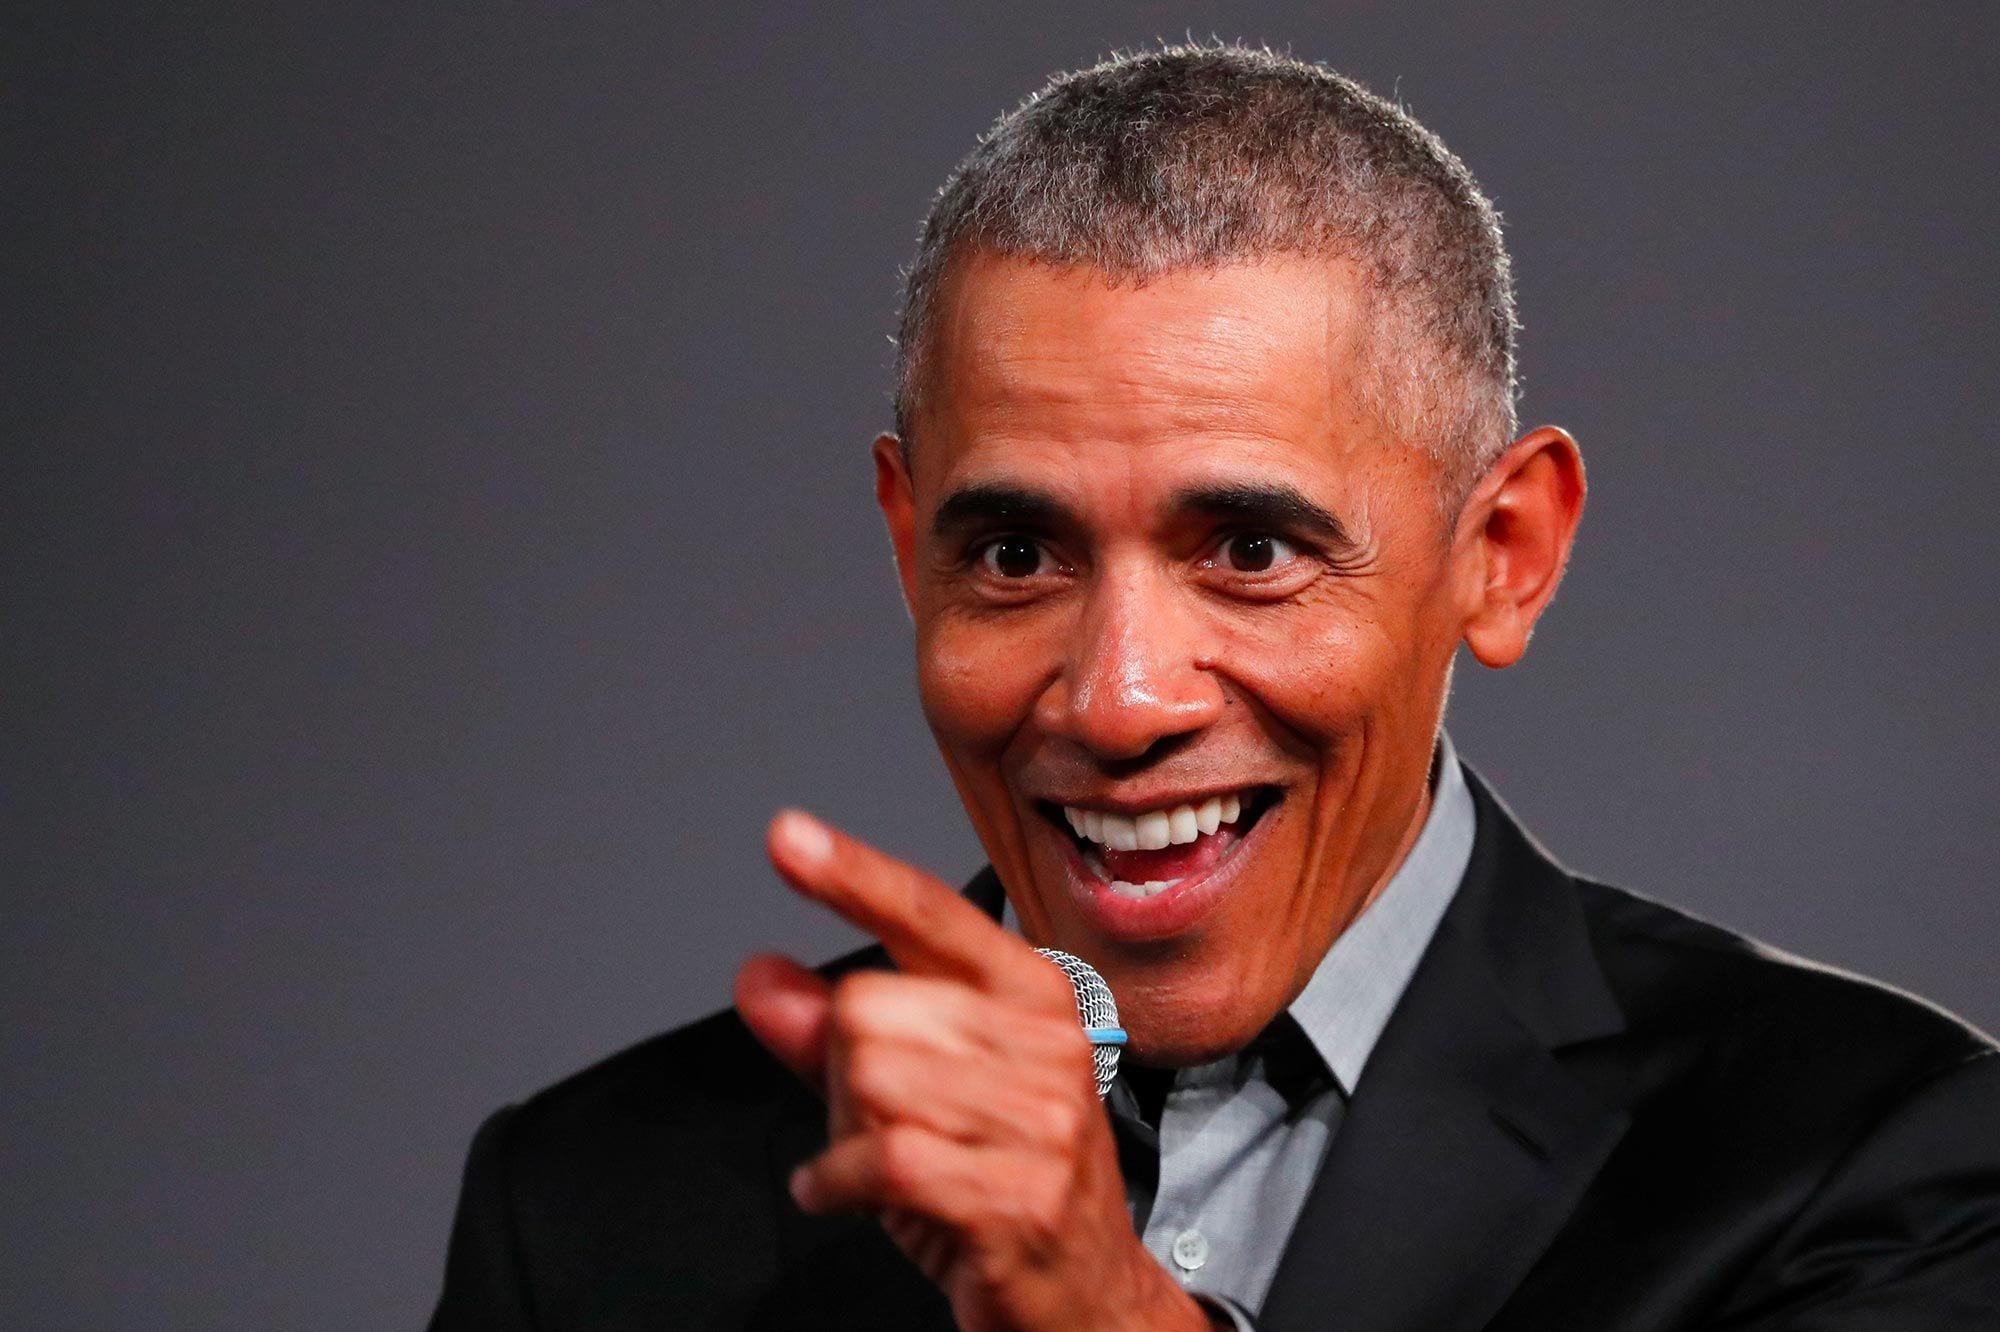 Barack Obama envoie un message aux présidents qui s'accrochent aupouvoir